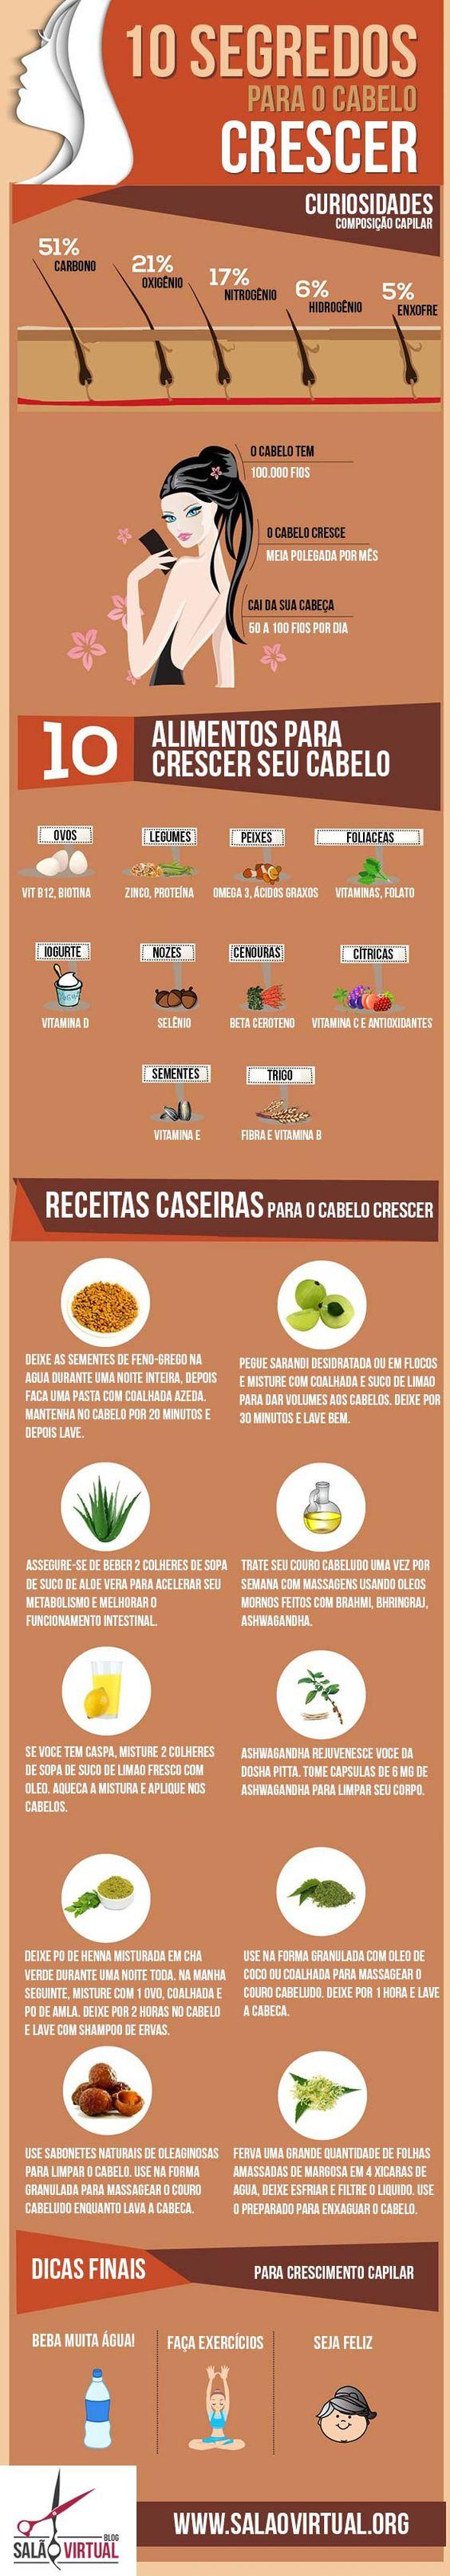 Super infográfico com segredos para crescer. Veja mais na nossa home: #dicas #segredos #tutorial http://salaovirtual.org/: